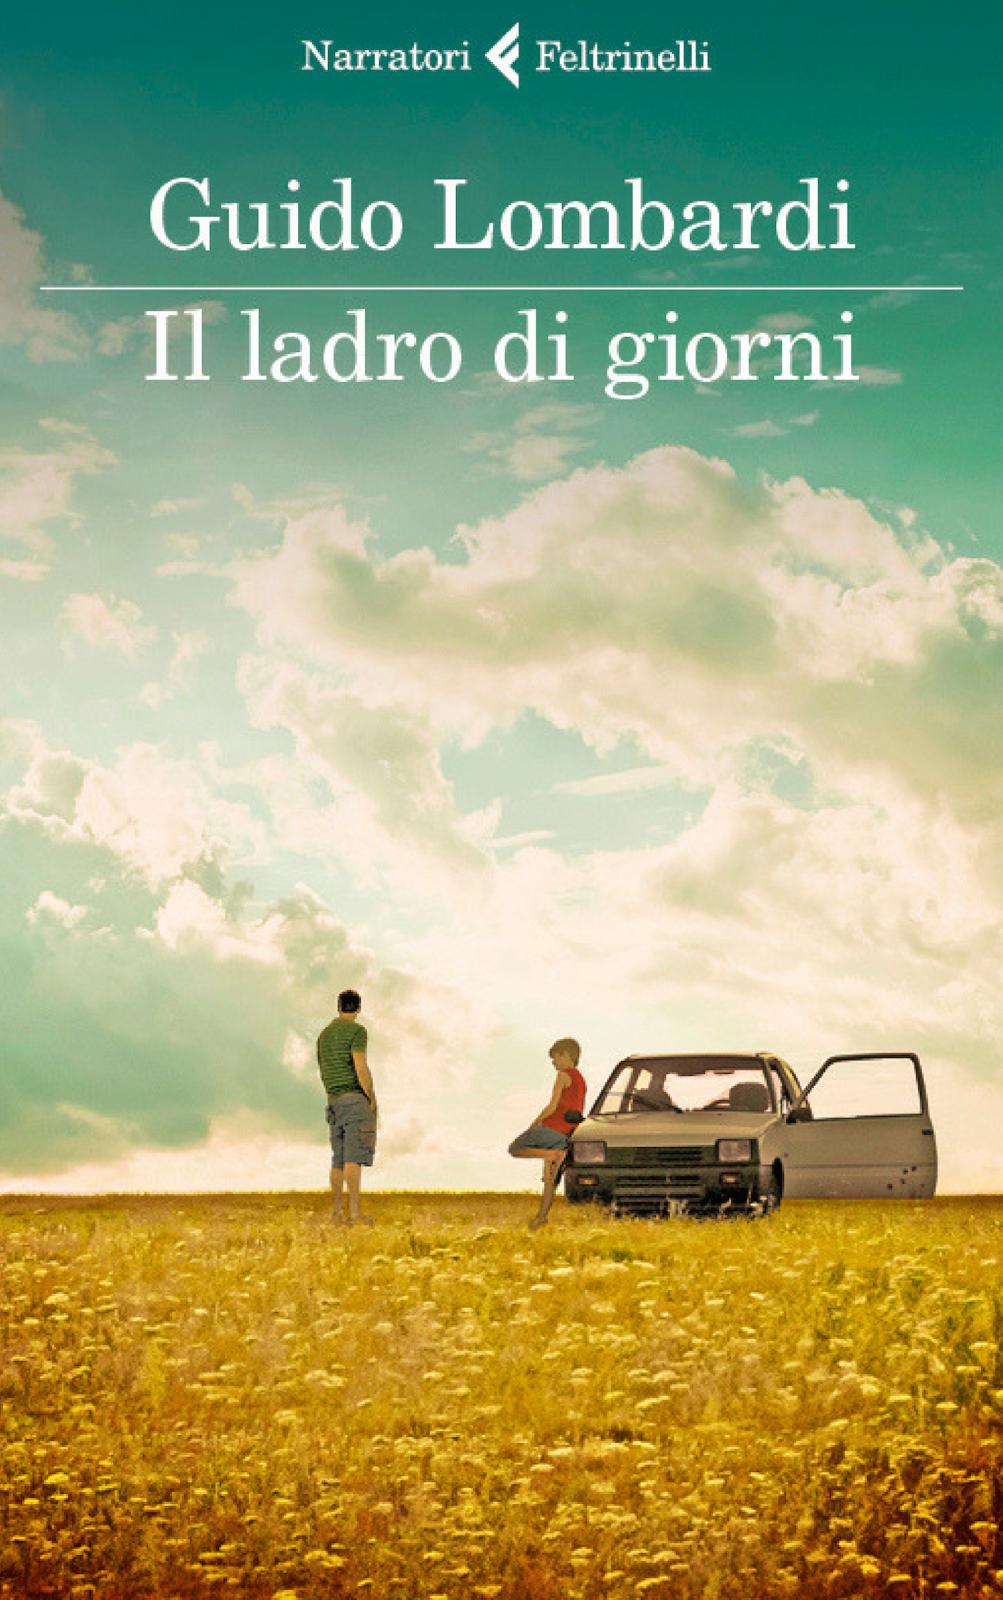 Guido Lombardi - Il ladro di giorni